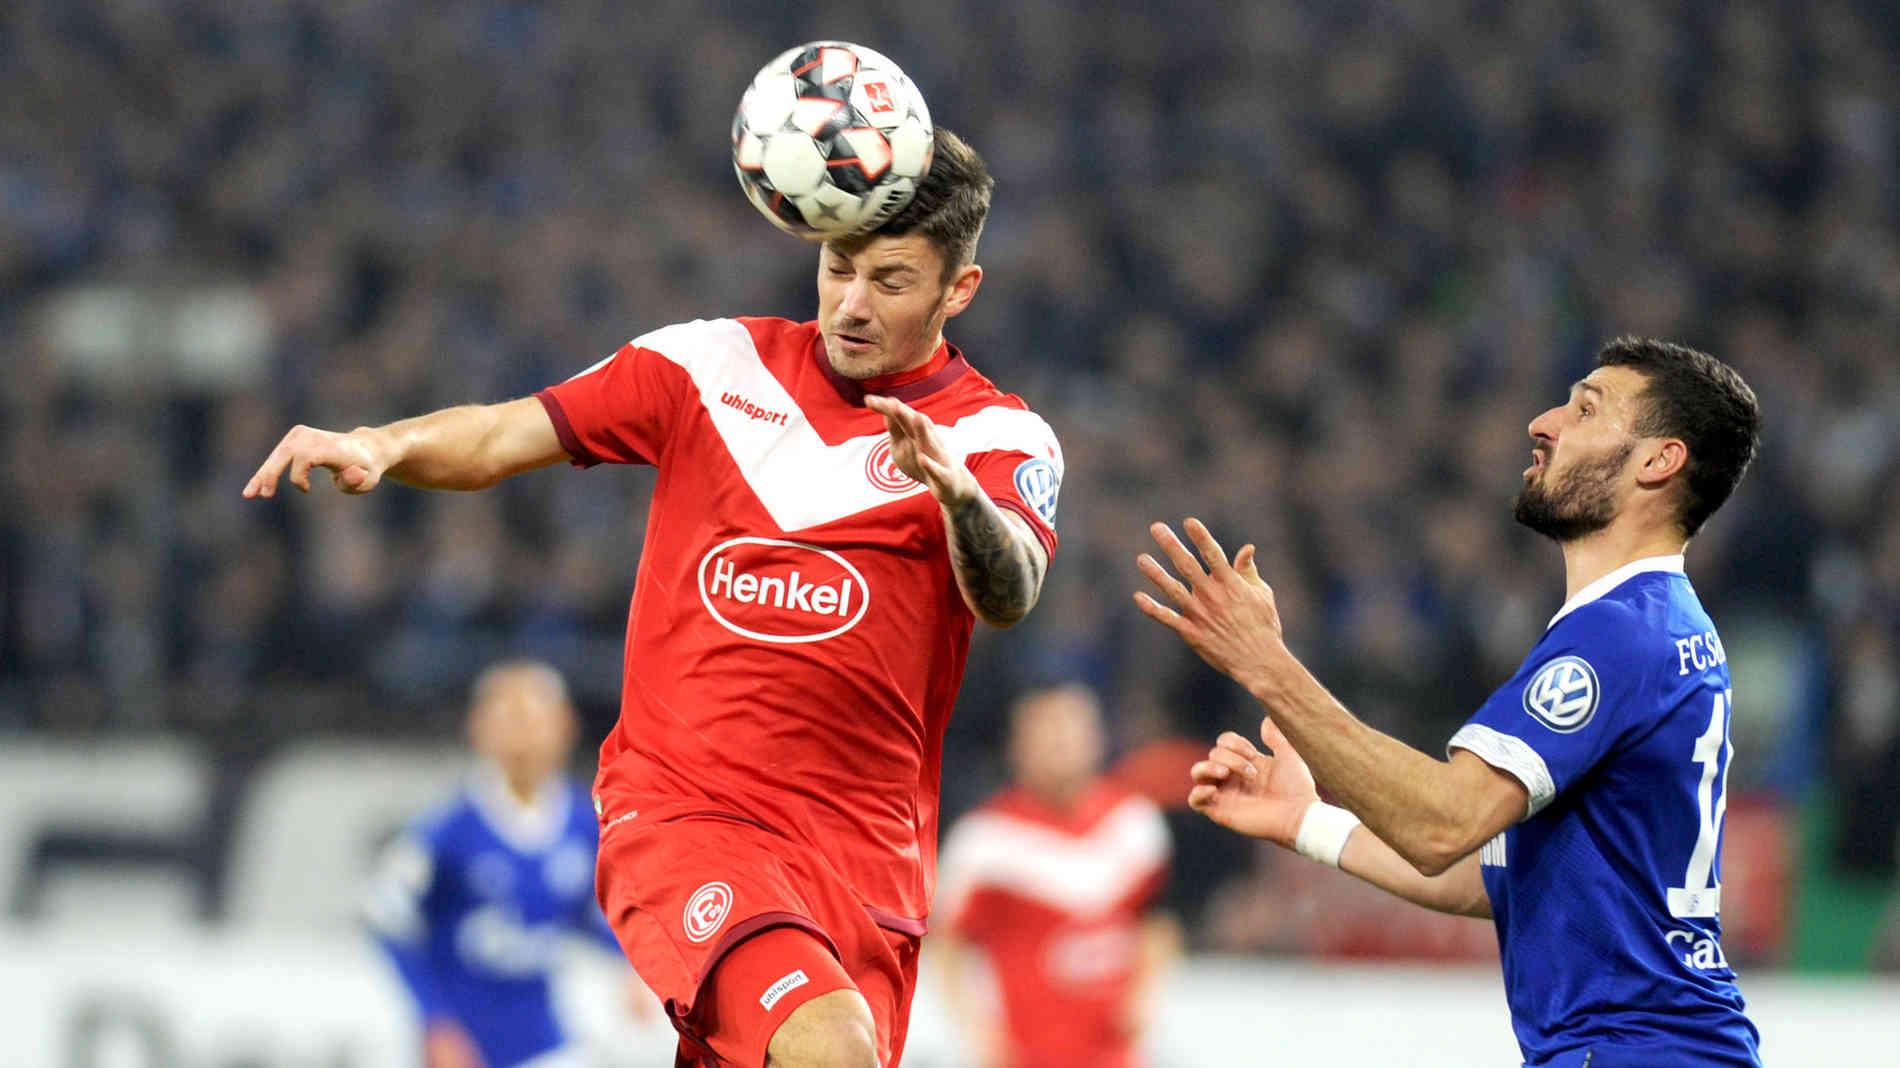 Schalke vs Dusseldorf Betting Tips